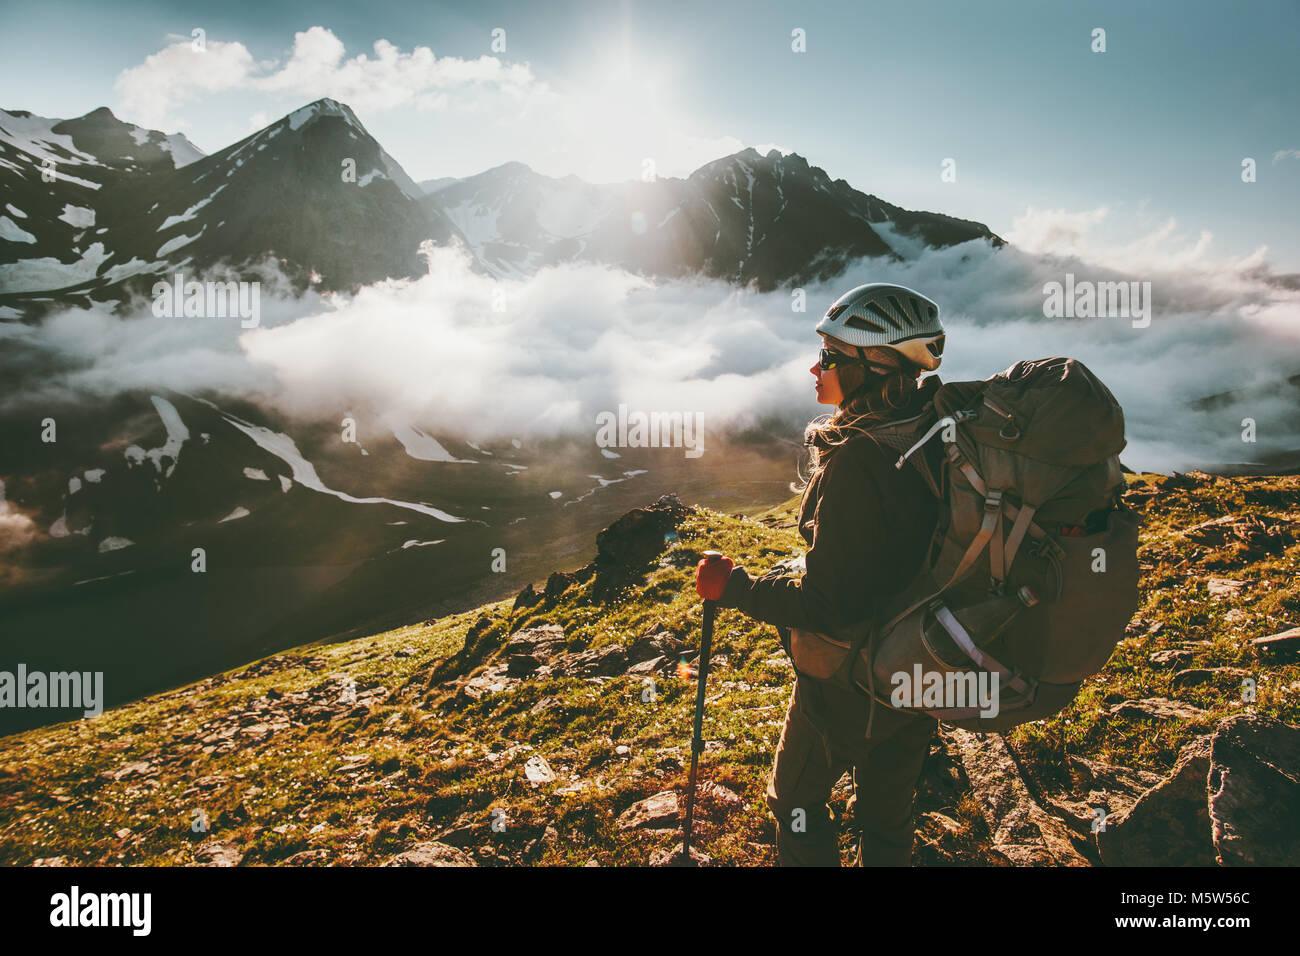 Backpacker mujer disfrutando de las montañas nubes paisaje Viajes concepto de aventura en el estilo de vida Imagen De Stock